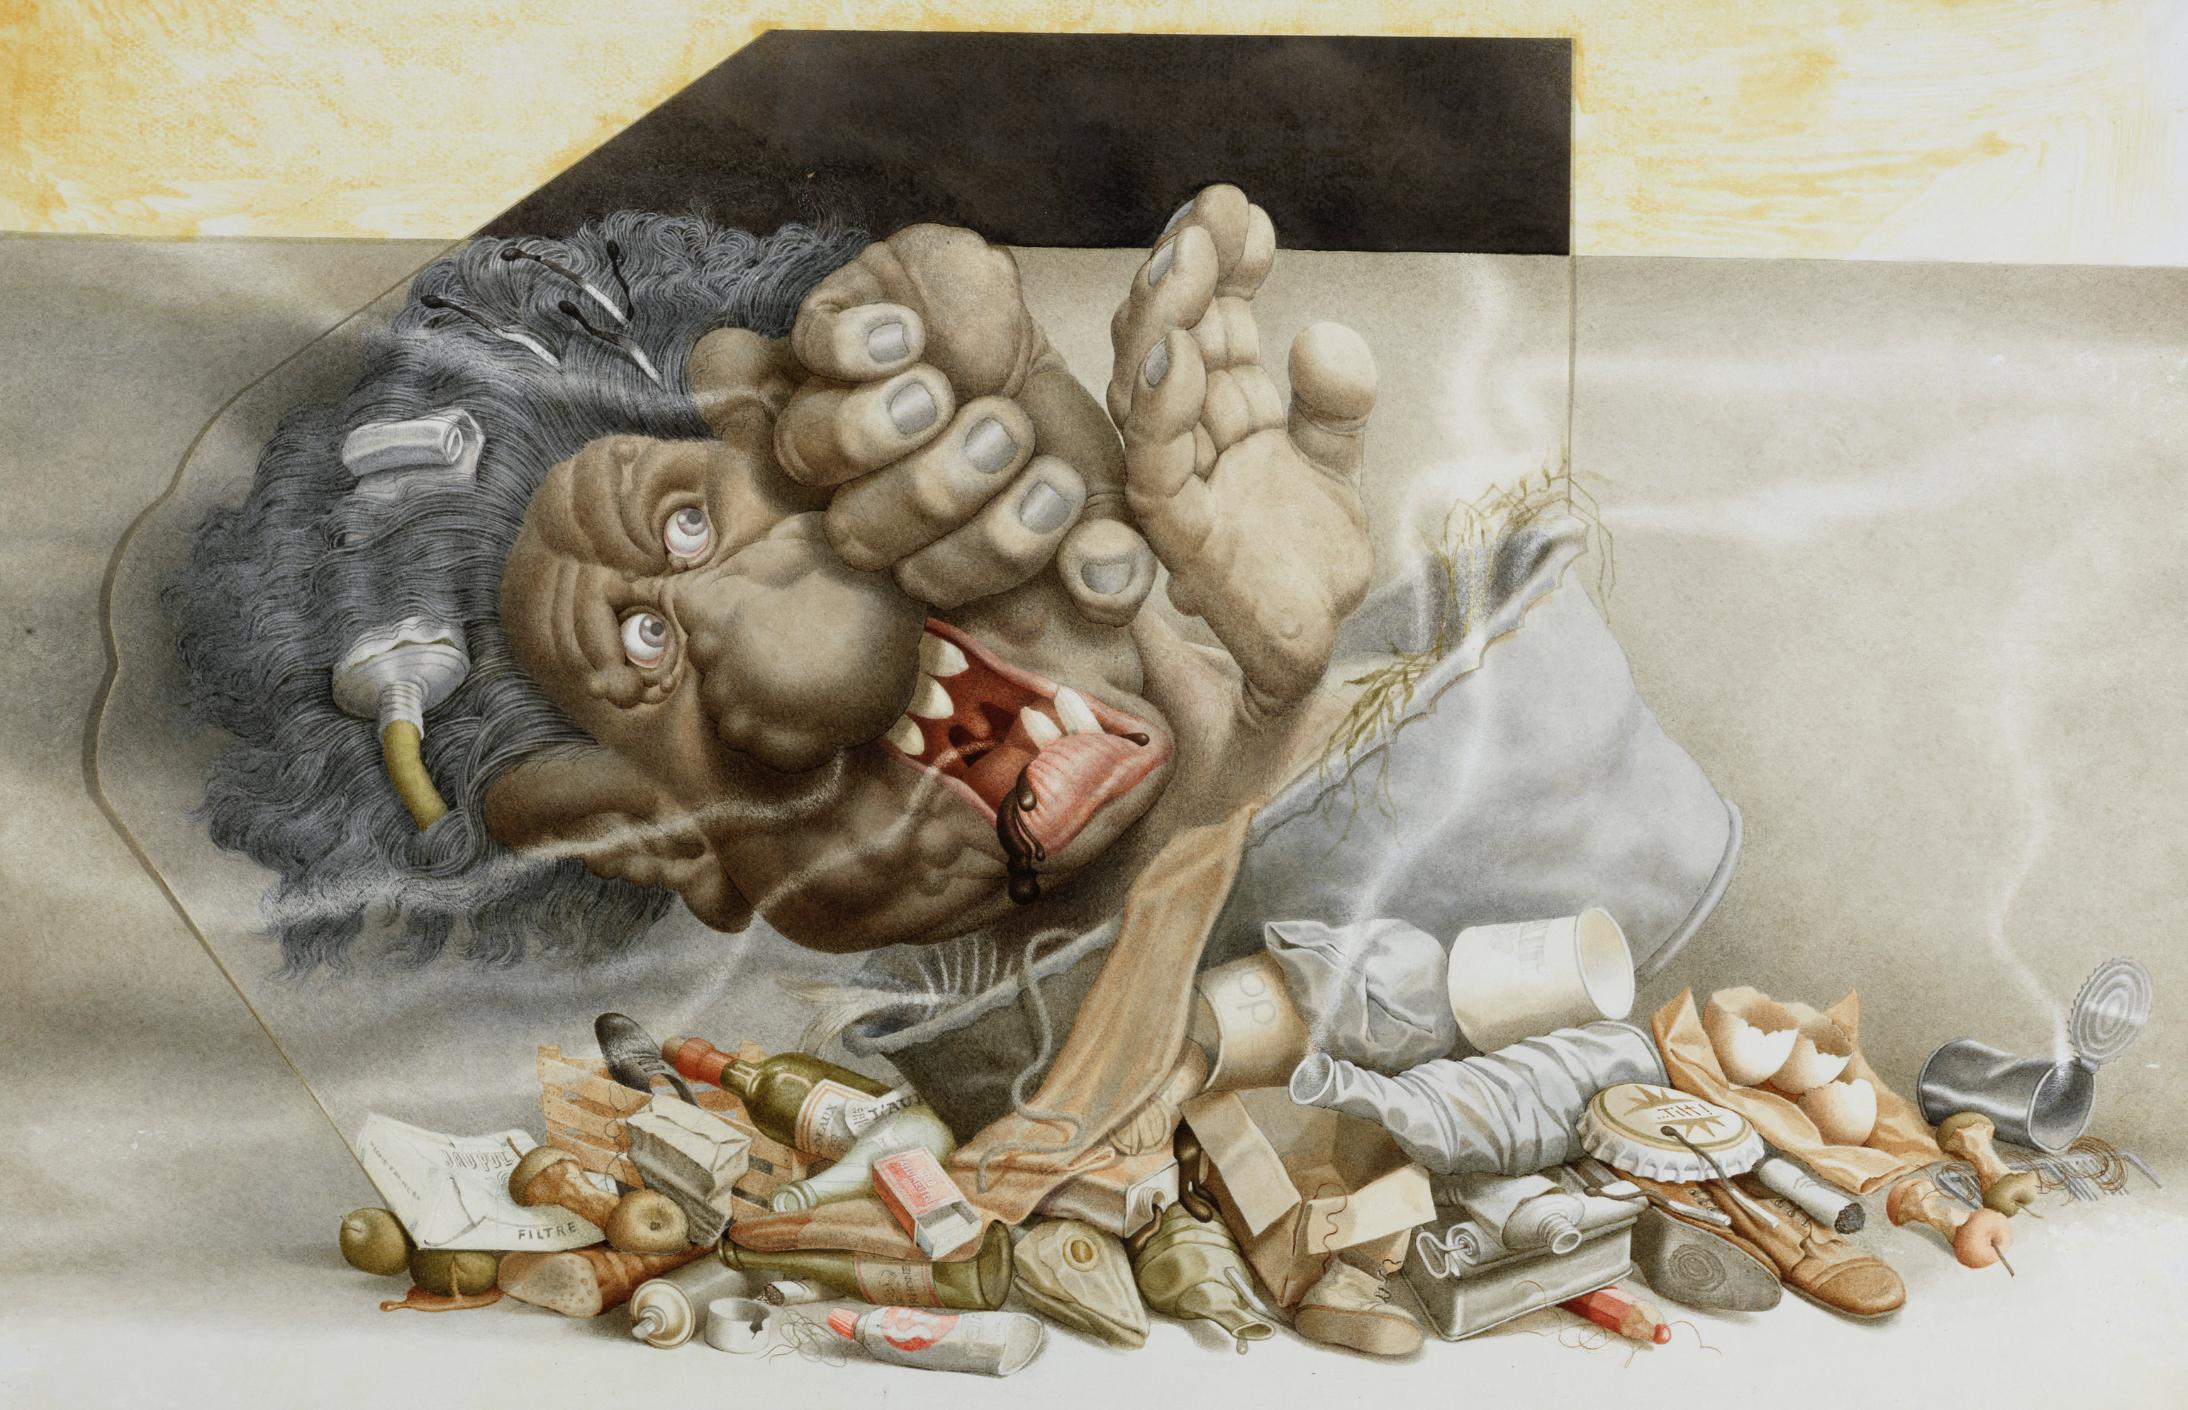 Jumbo de friteuse-monstre-odeur | Michel Guiré-Vaka / Sculpteur d'images | Jumbo de friteuse-monstre-odeur